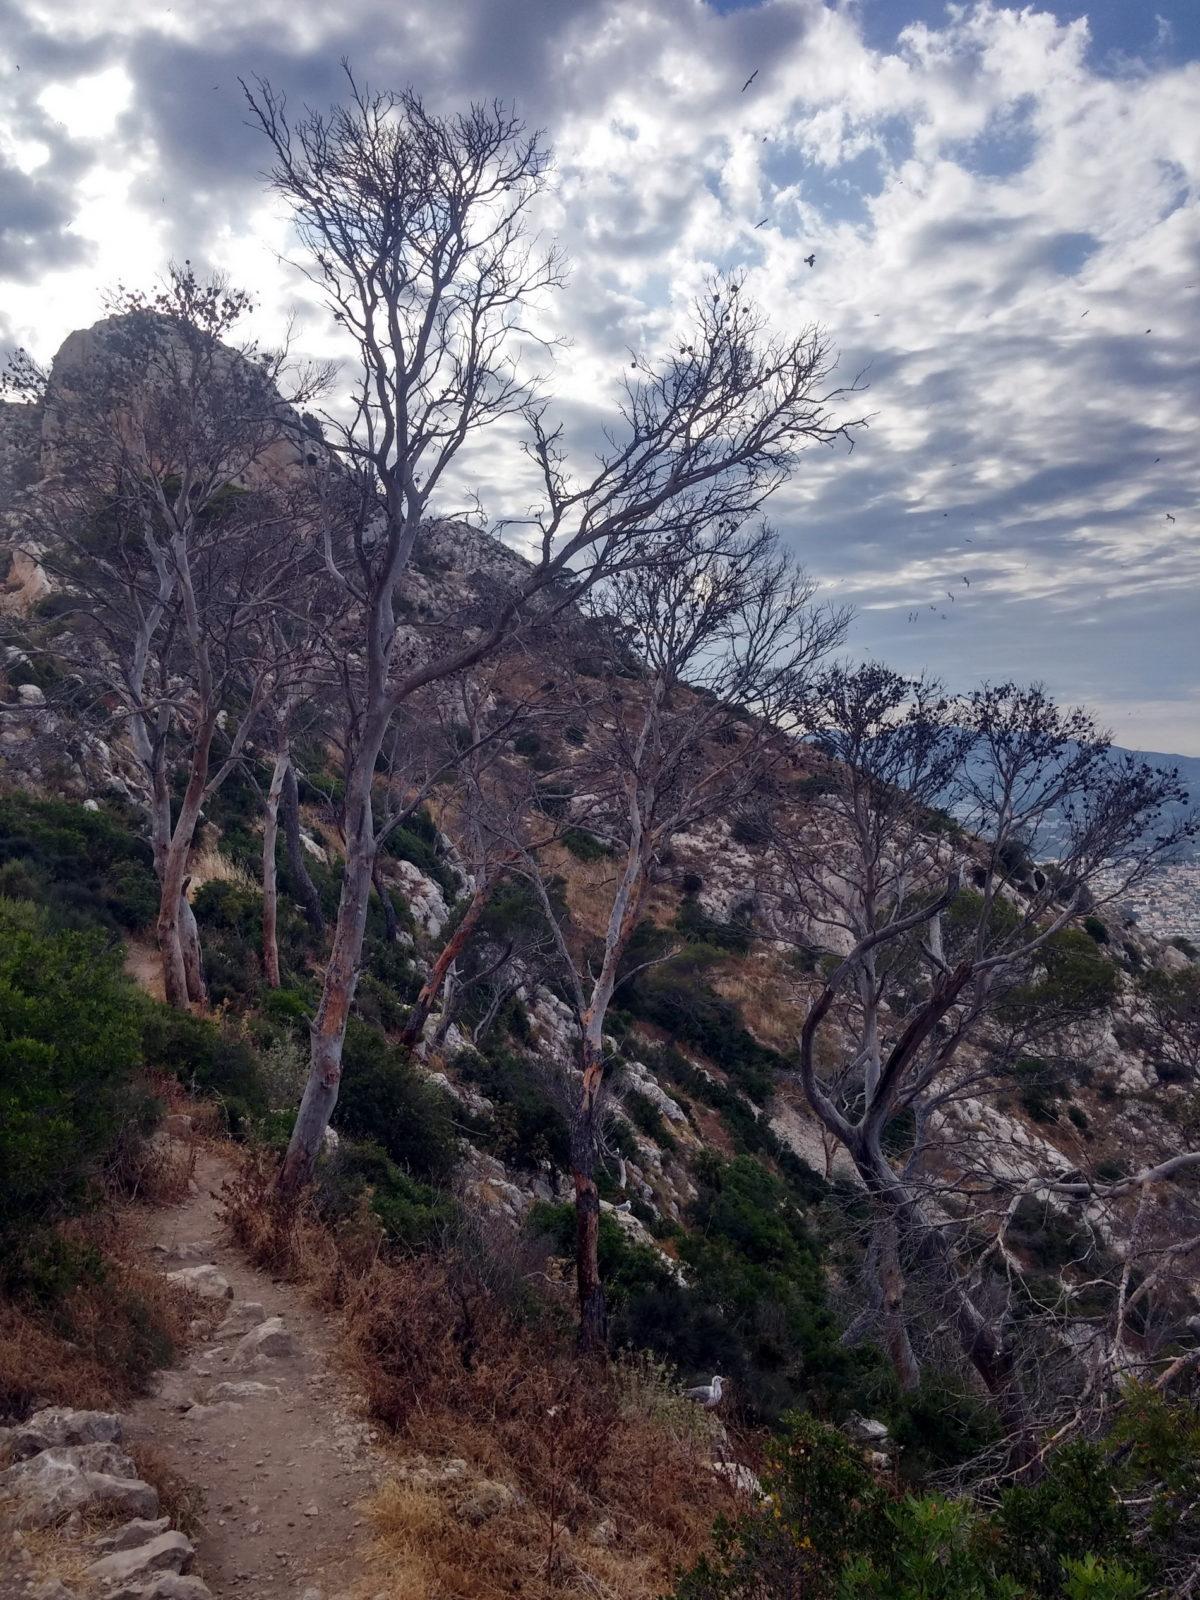 Идея небольшого путешествия в Испанию 42